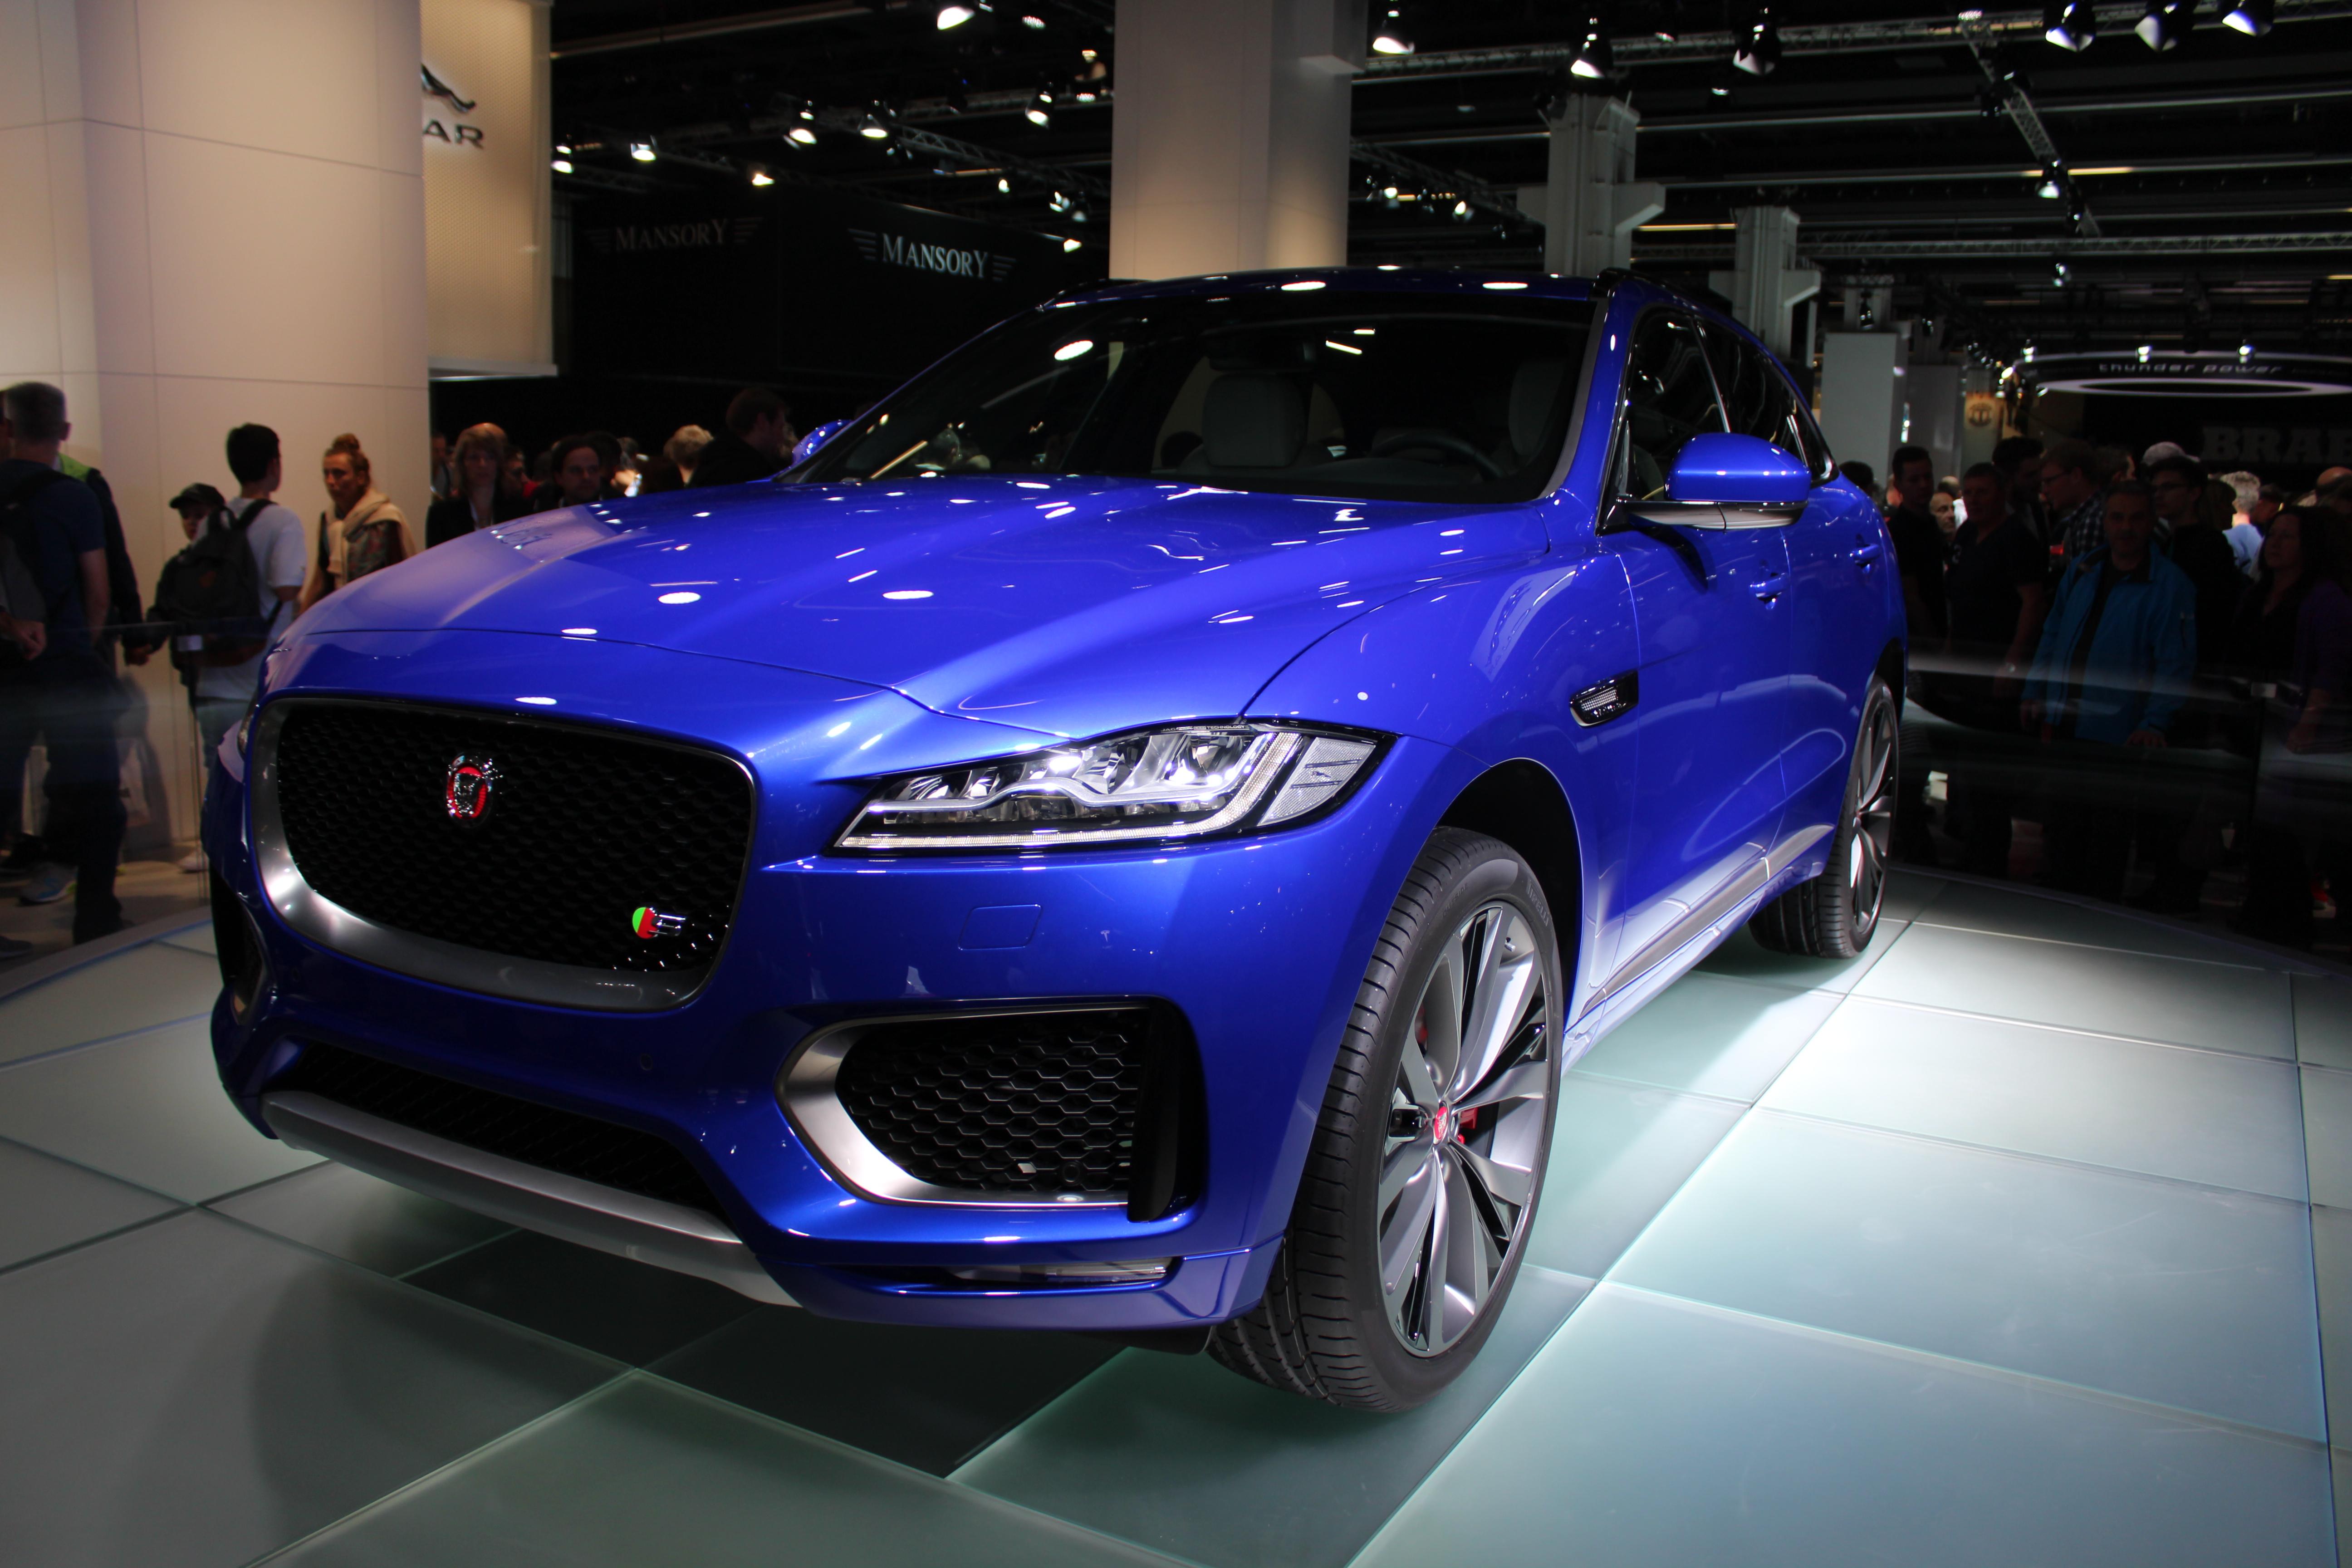 Jaguar F-Pace, märkets första SUV. Lovar gott trots helgerånet!